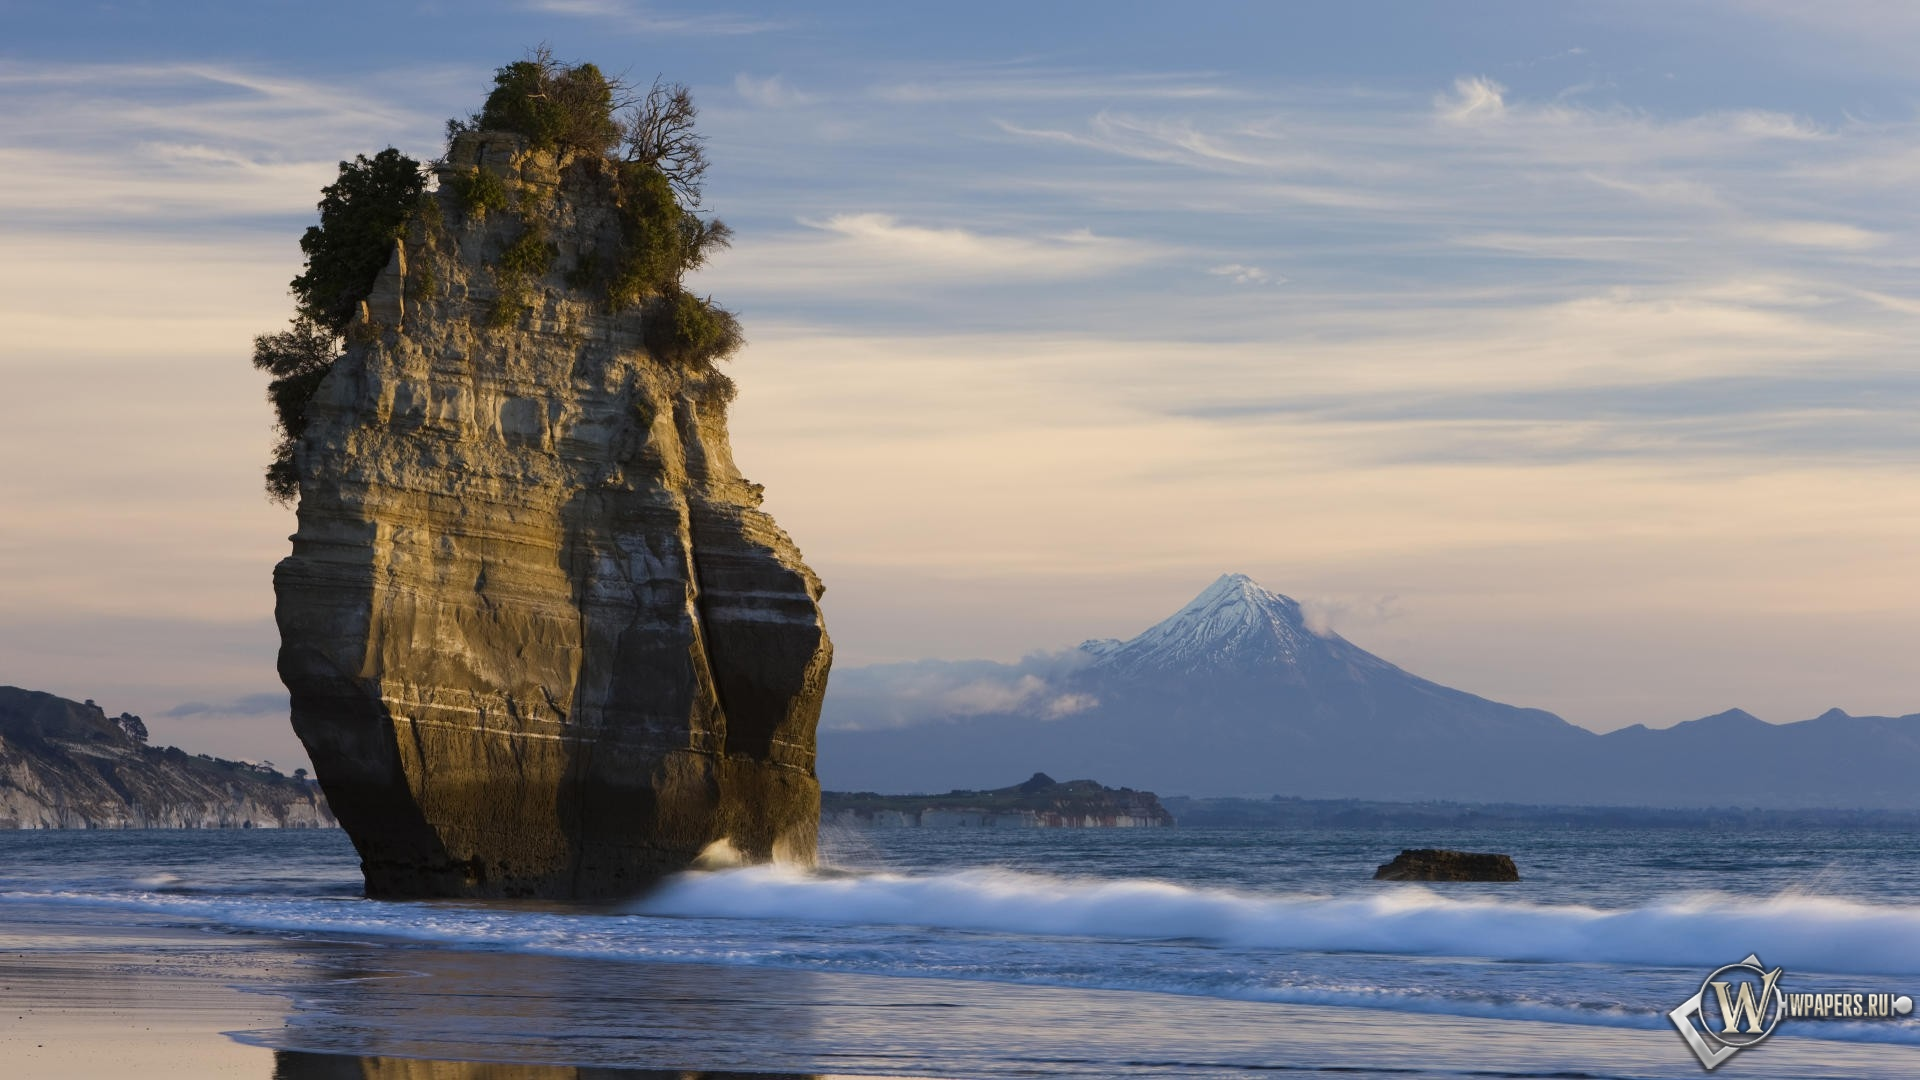 скала и гора таранаки в новой зеландии 1920x1080